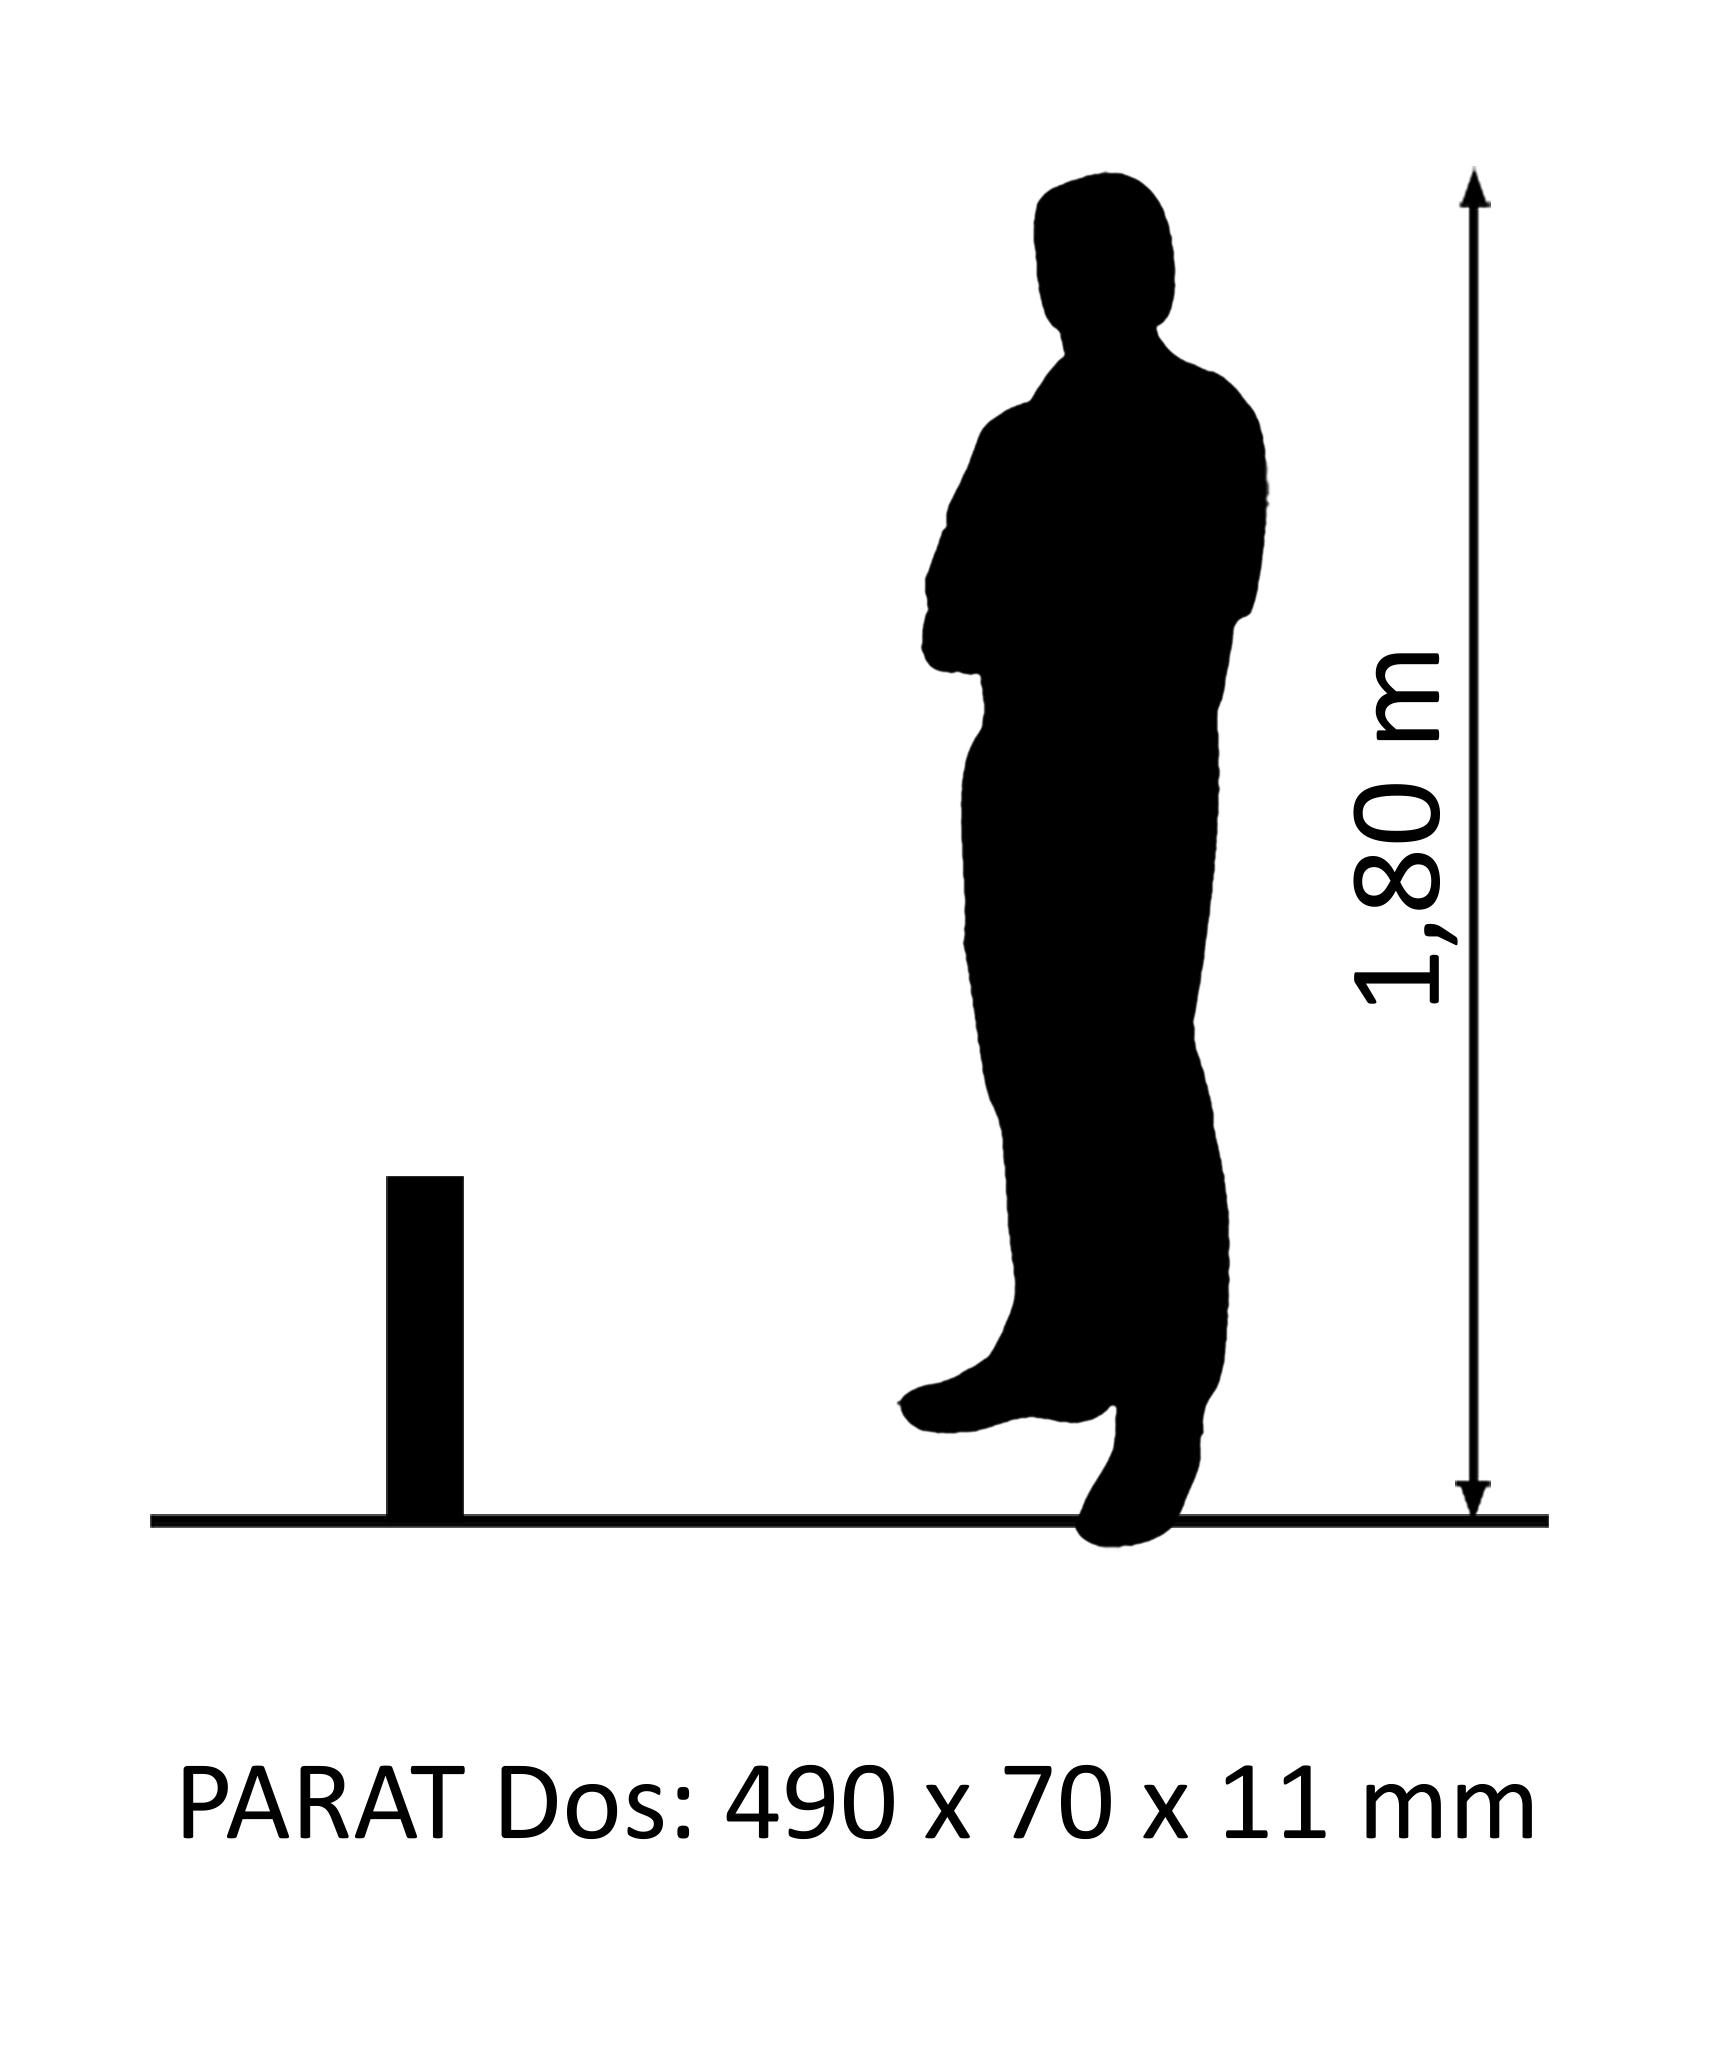 PARAT Dos Oak Premium pre-oiled